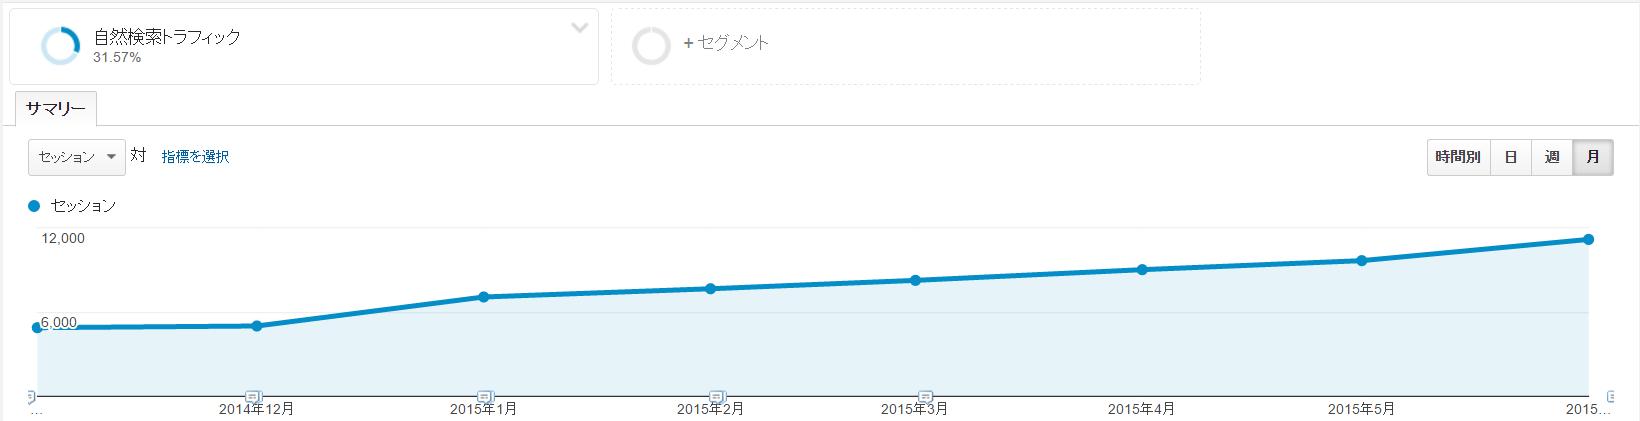 20151225_画像8 検索流入推移